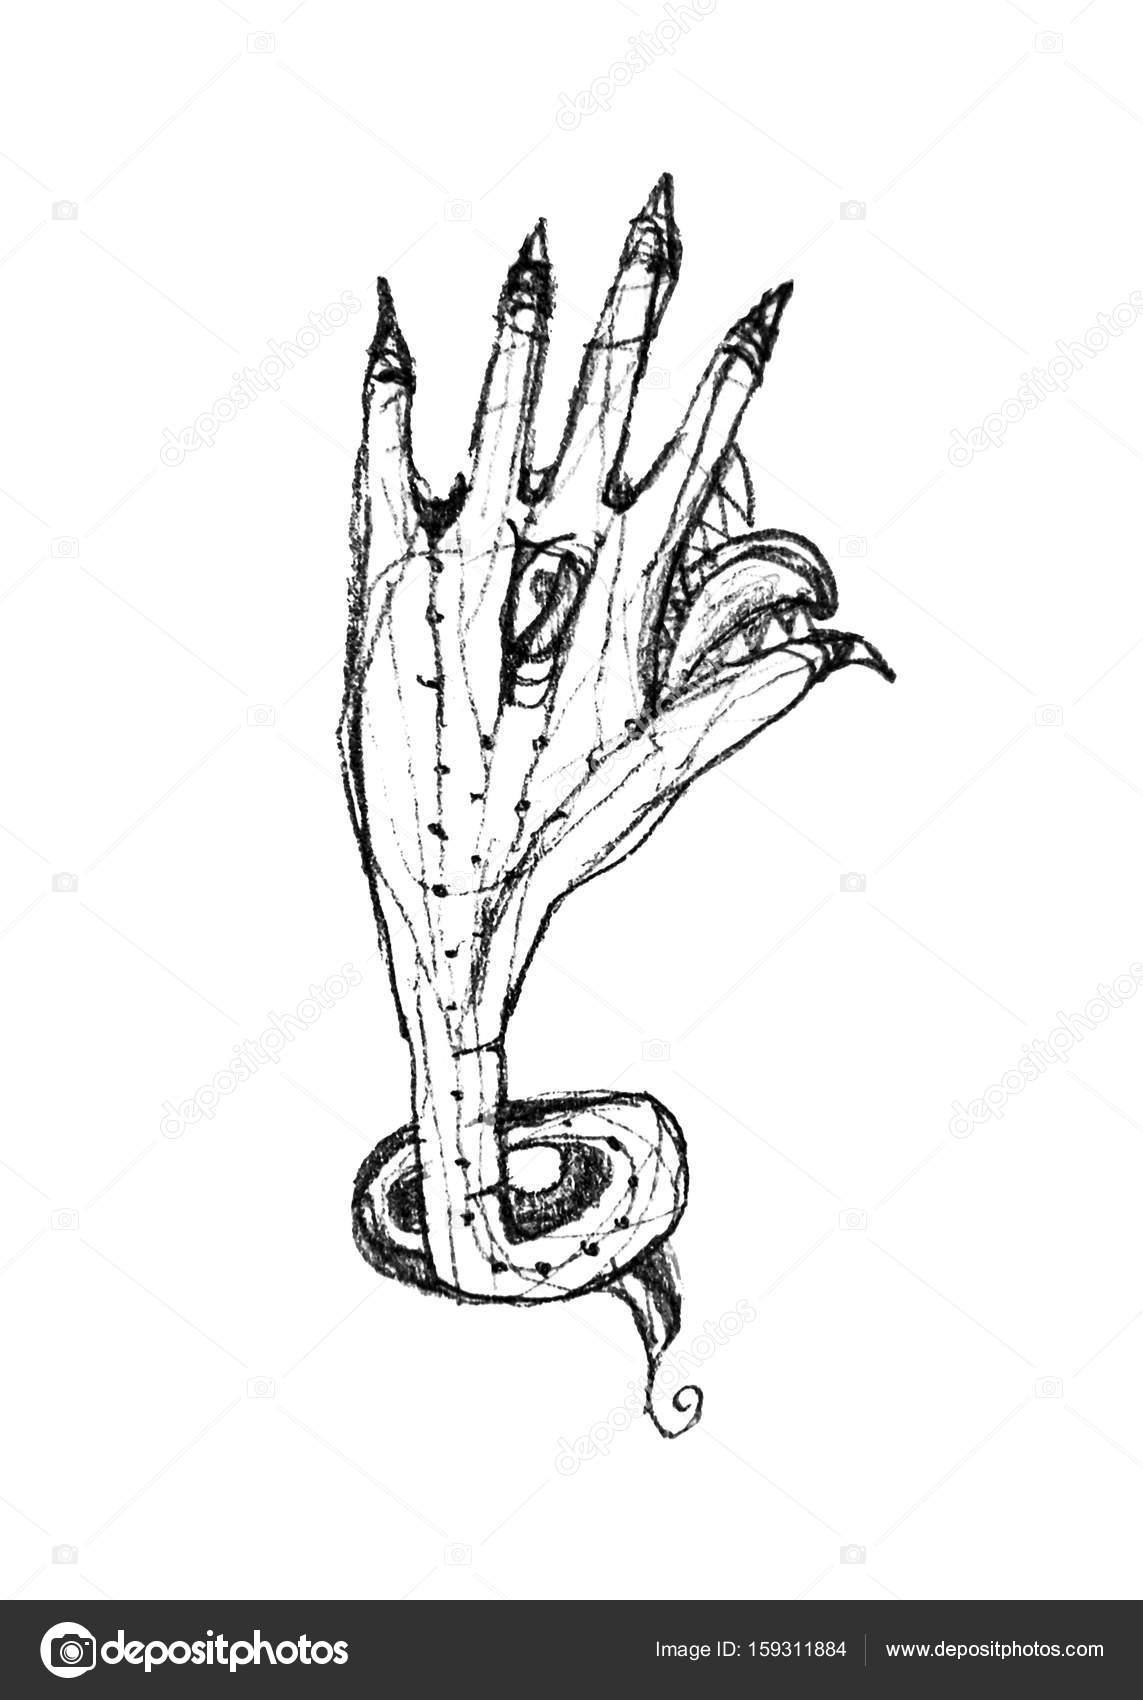 Dibujos Monstruos Para Dibujar A Lapiz Aislado Lápiz De Dibujo A